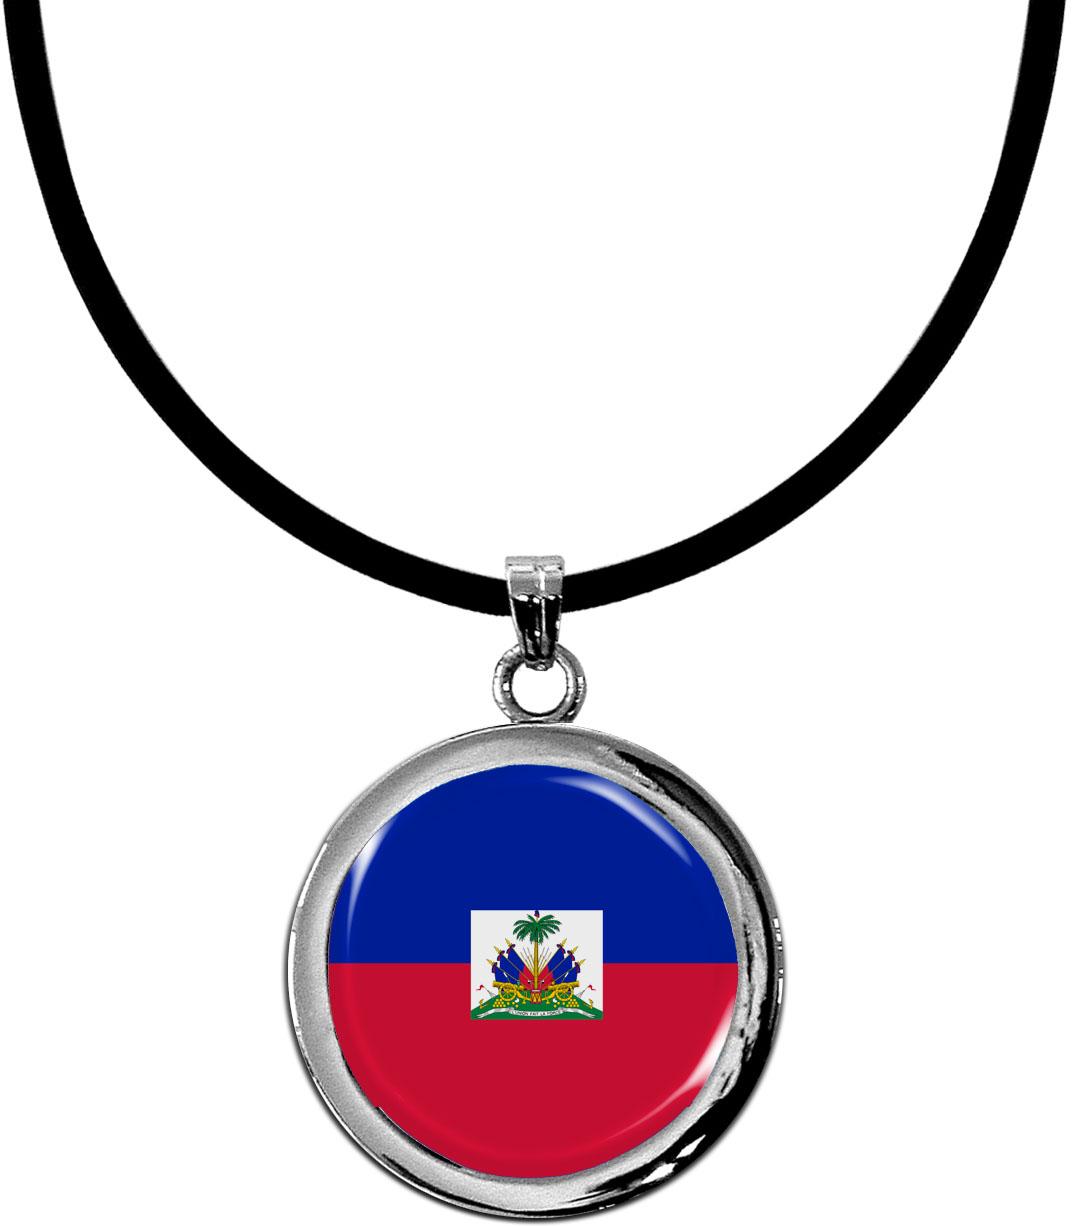 Kettenanhänger / Haiti / Silikonband mit Silberverschluss